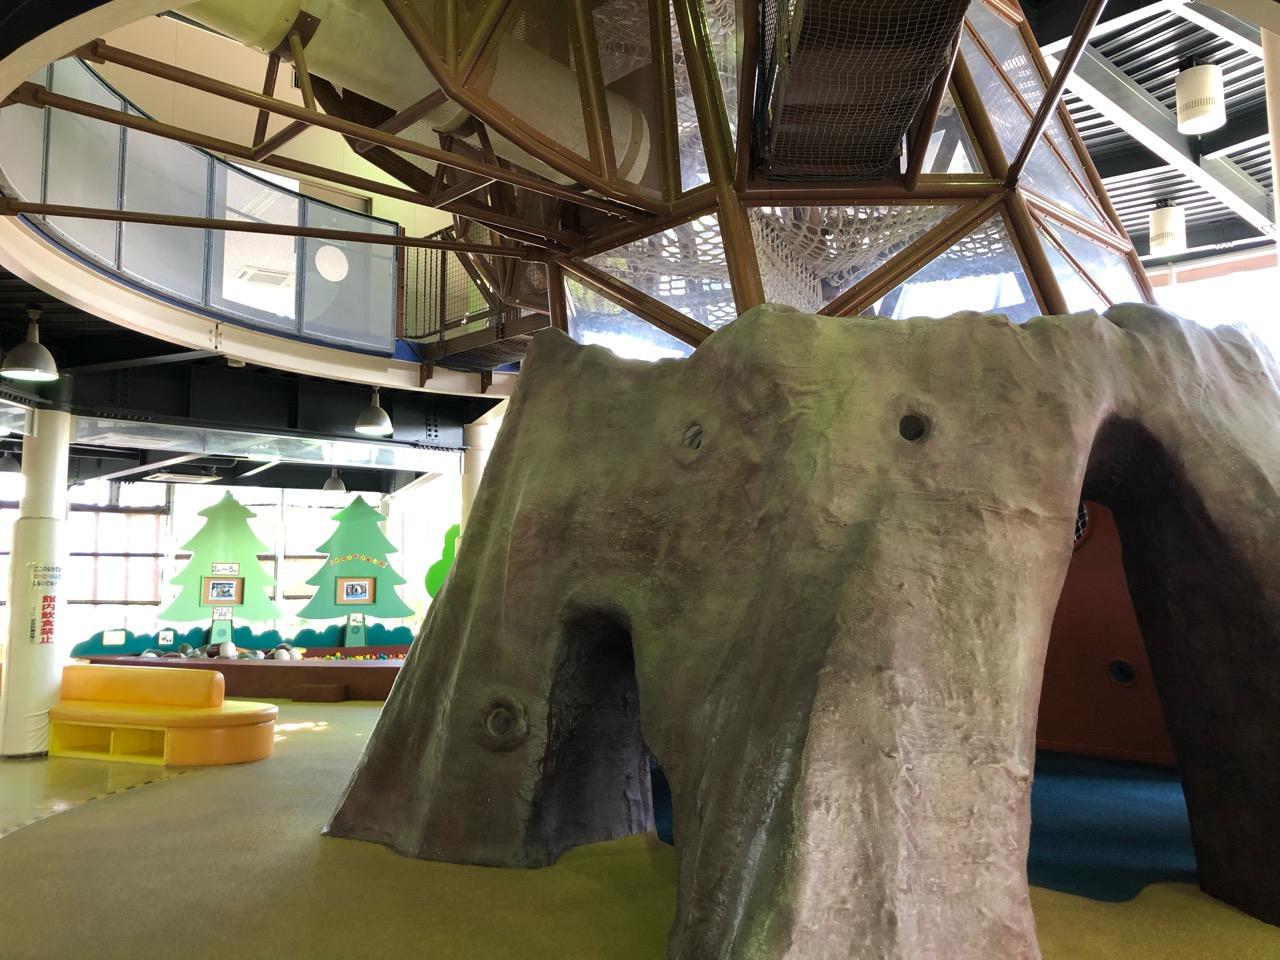 鞍ヶ池公園の室内遊具